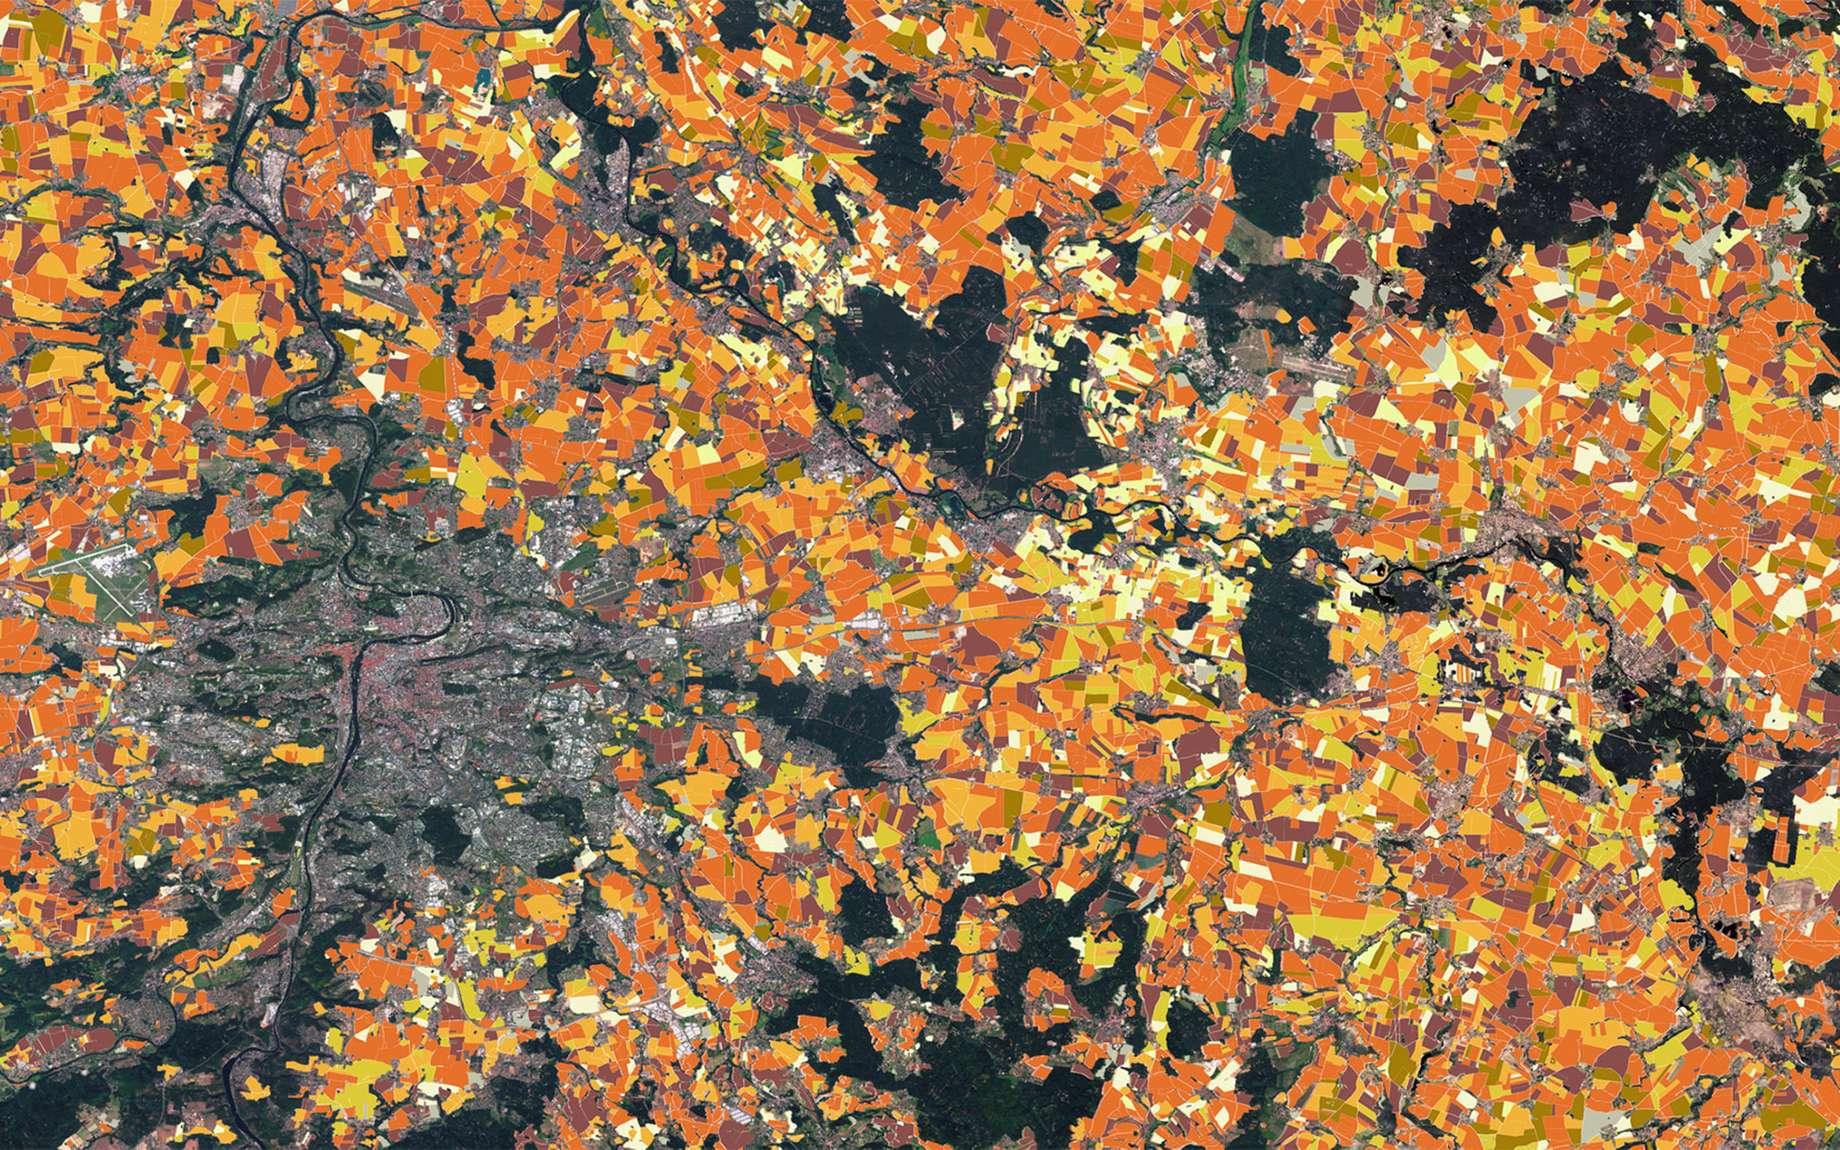 Argos mise sur l'Internet des objets connectés. Dans le domaine de l'agriculture, les satellites d'observation de la Terre sont utilisés pour une très grande variété d'applications et de services de précision, comme la surveillance des cultures, le contrôle des surfaces et de l'occupation des sols, l'irrigation et la gestion des cultures en engrais et produits phytosanitaires. © Copernicus Sentinel Data